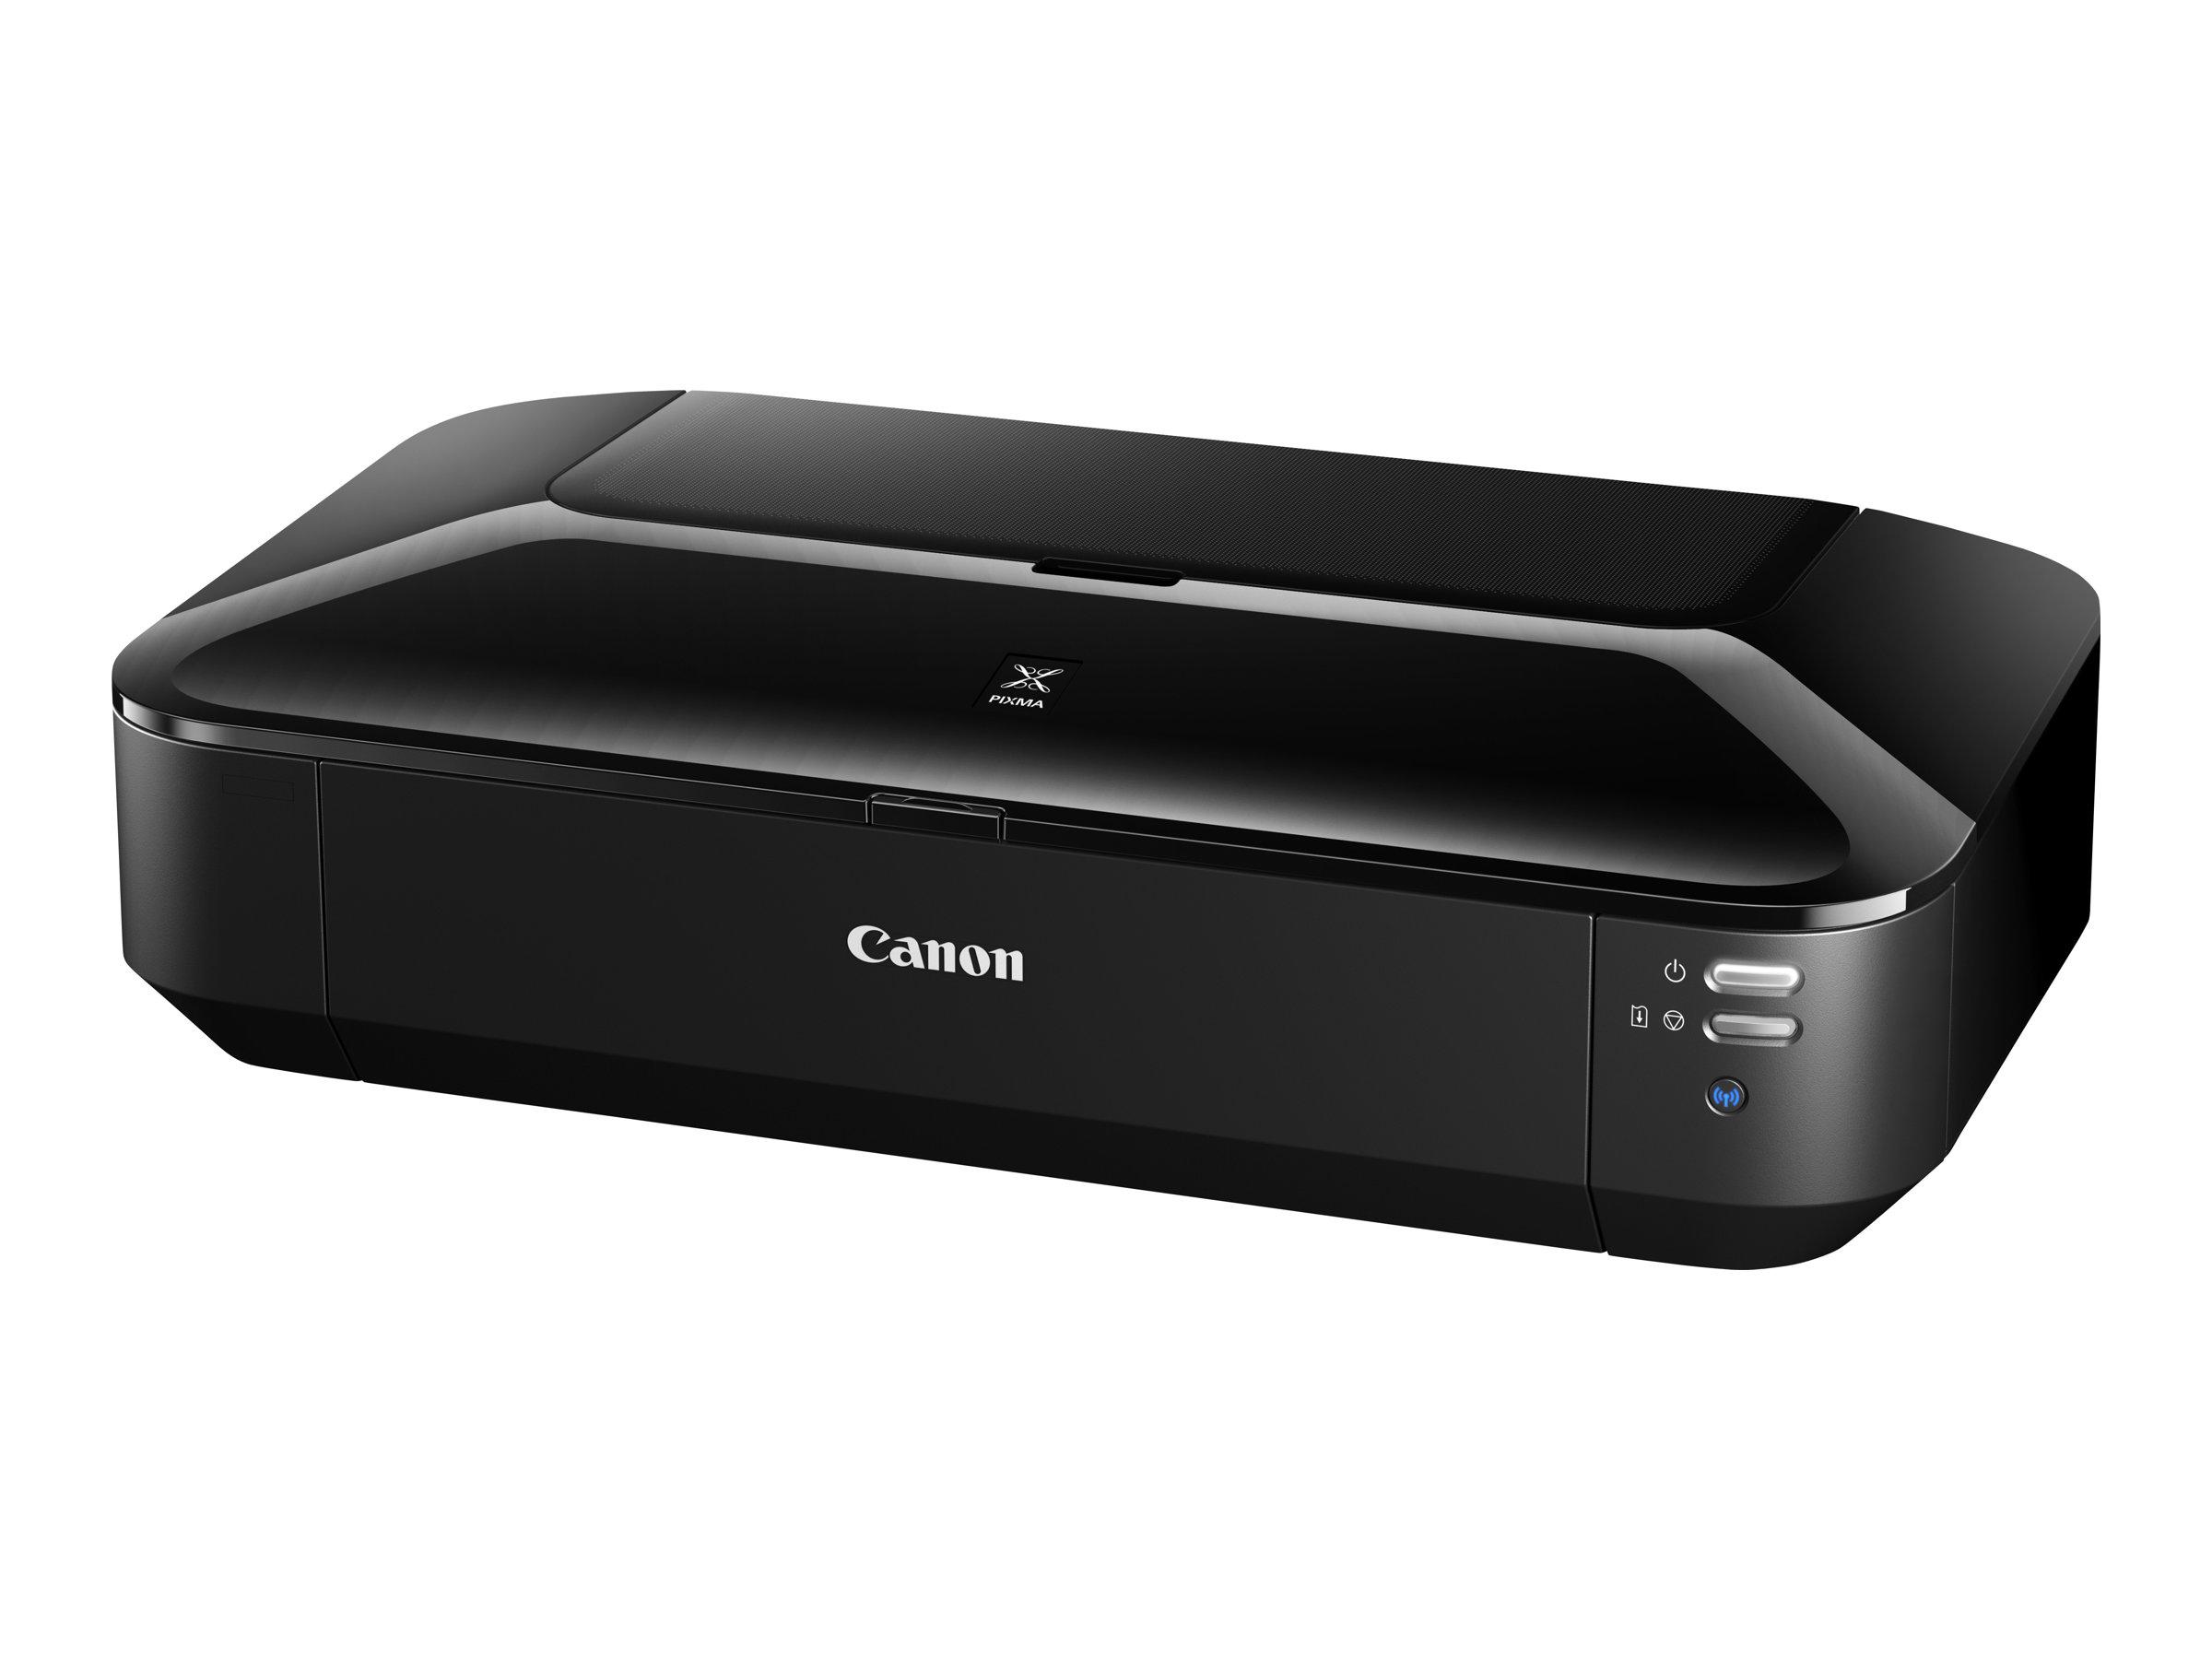 Canon PIXMA iX6850 - Drucker - Farbe - Tintenstrahl - Ledger, A3 Plus - bis zu 14.5 ipm (einfarbig)/ bis zu 10.4 ipm (Farbe)